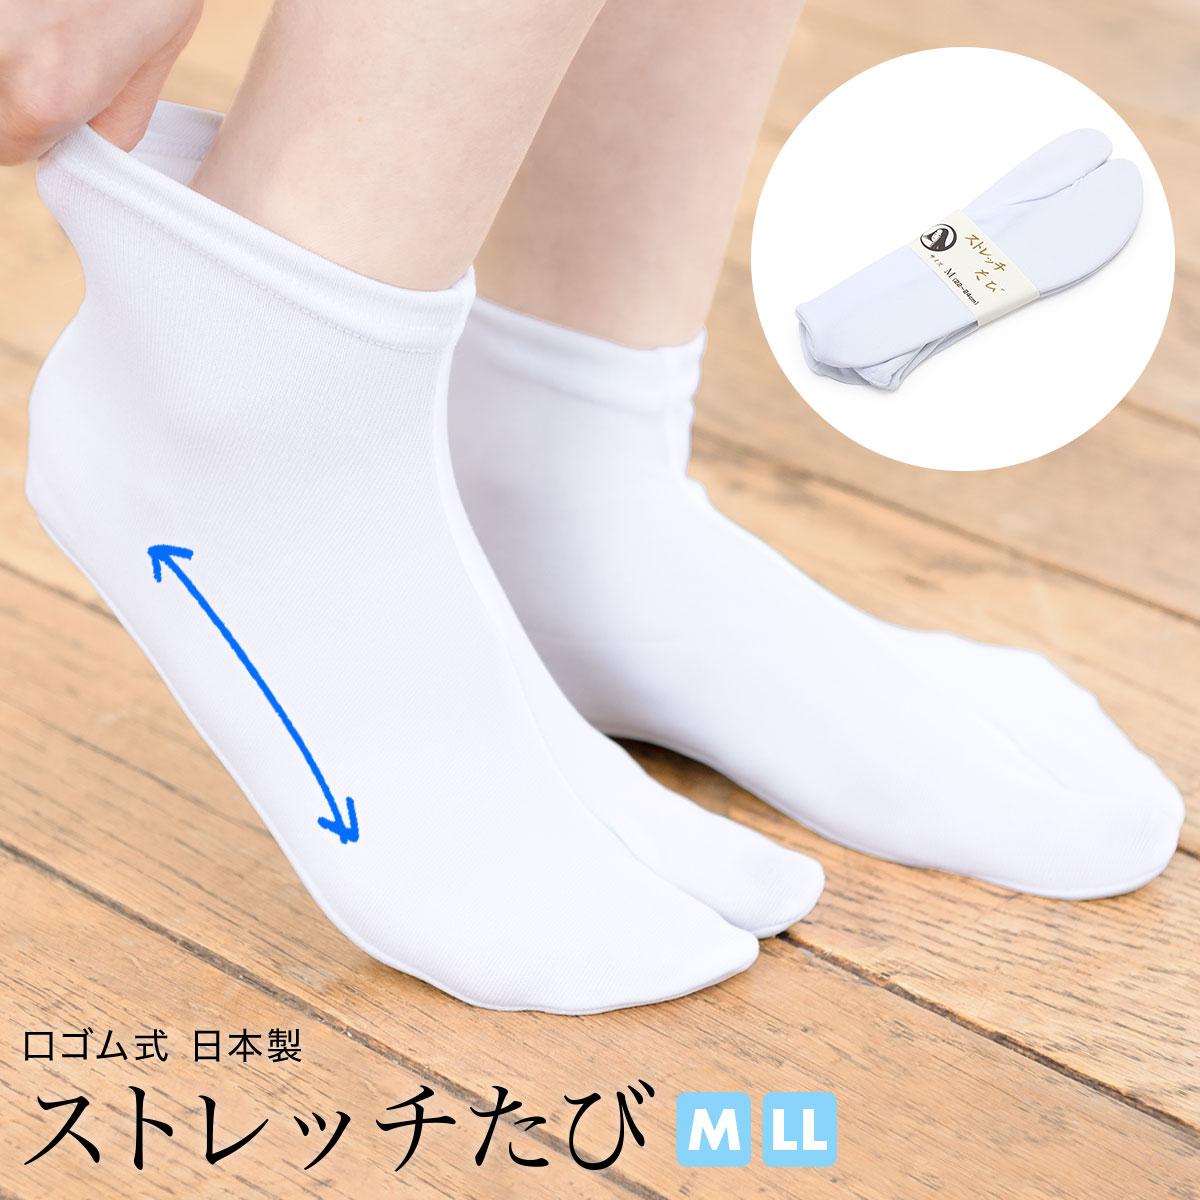 着物のおしゃれにおすすめな男女兼用の足袋(たび)